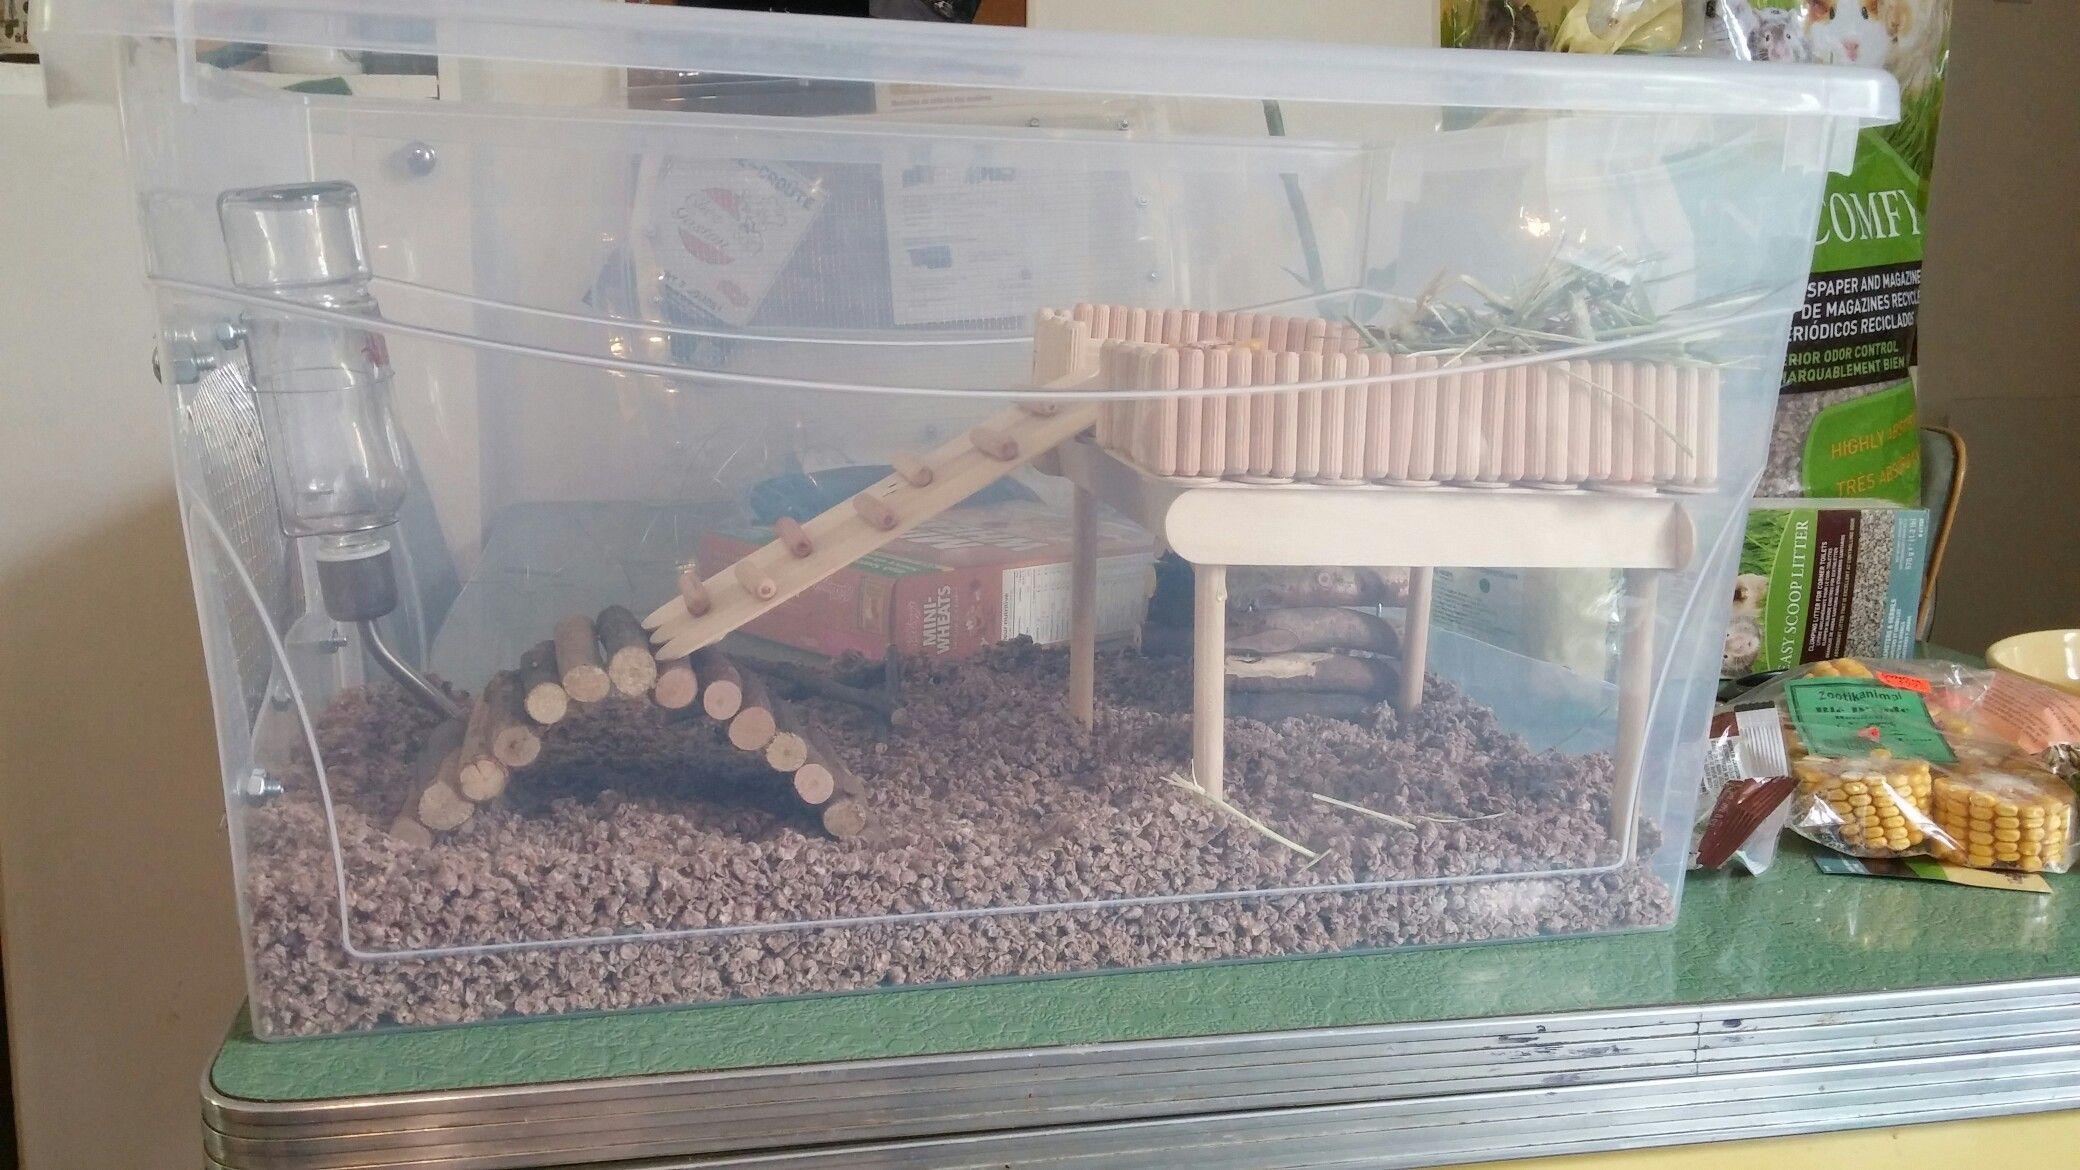 Hamster Bin Cage In Progress Hamster Diy Hamster Bin Cage Hamster Toys